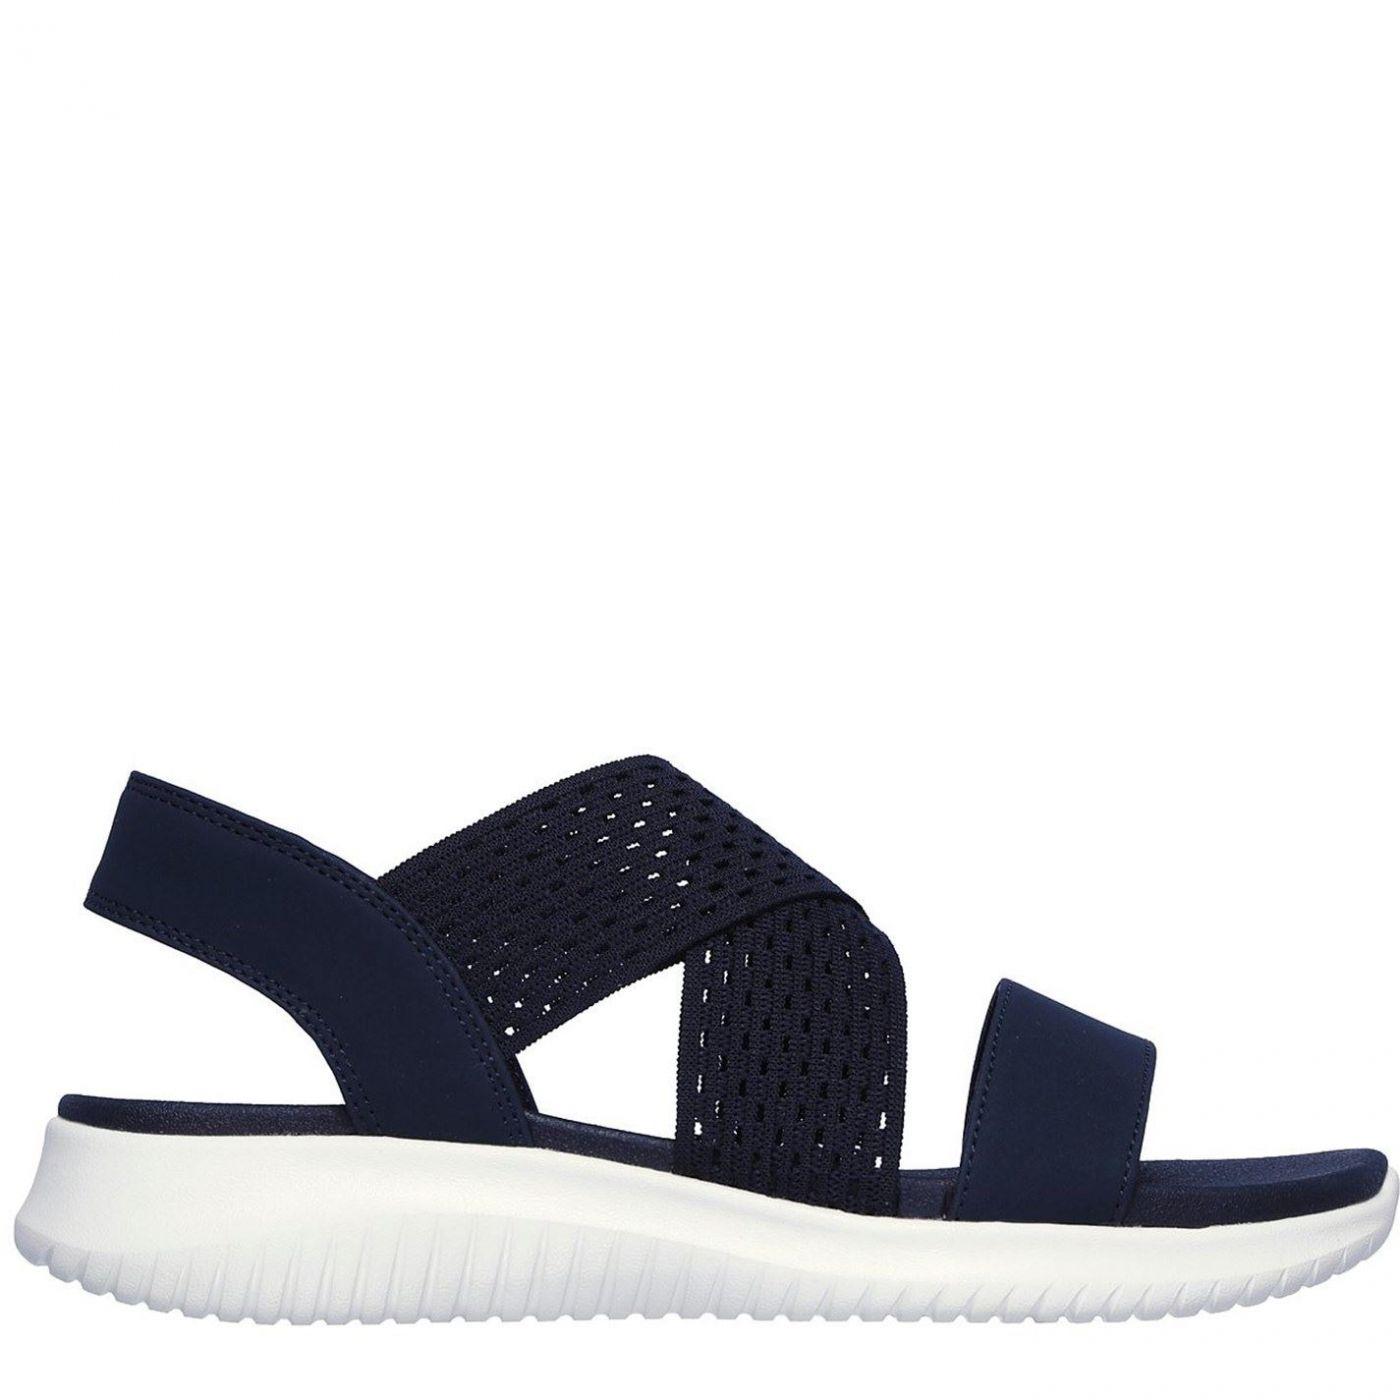 Skechers Neon Sandals Ladies